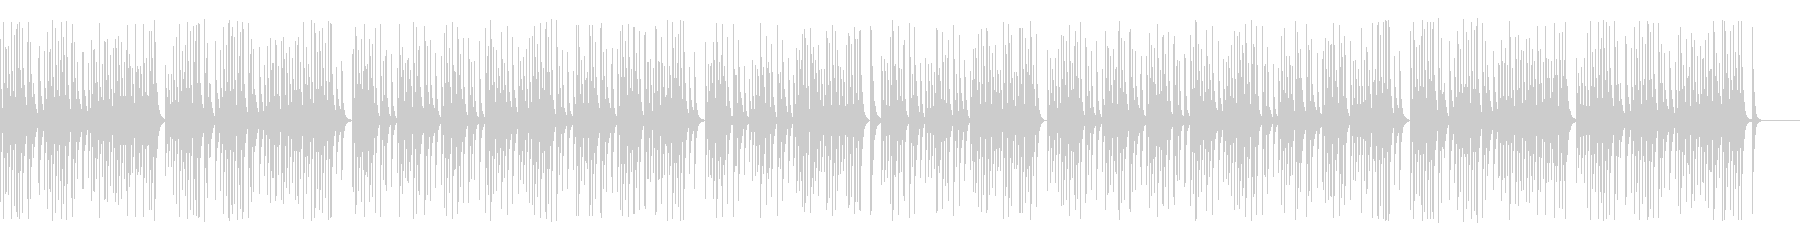 解説や作業動画に合う可愛い木琴の未再生の波形